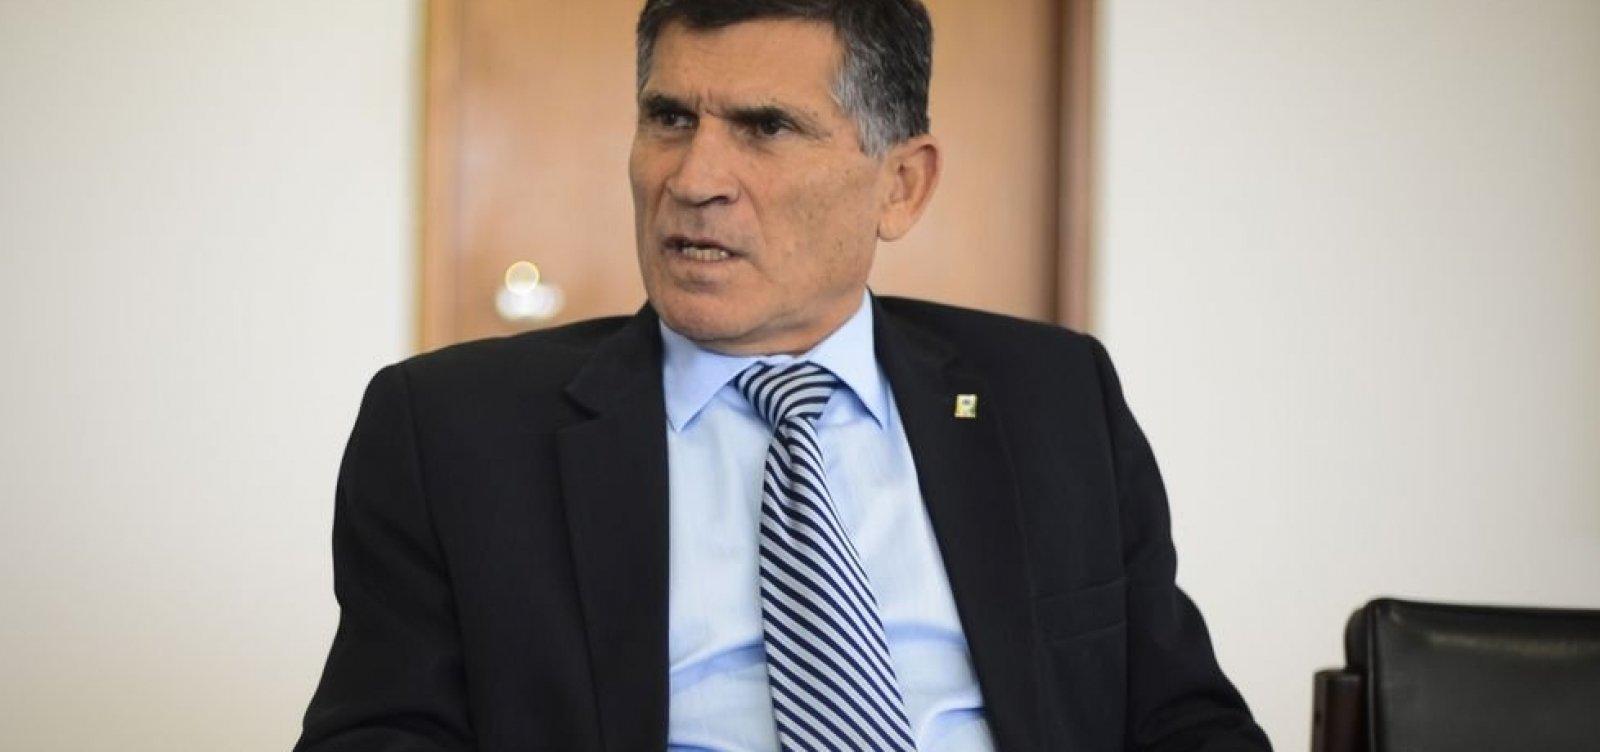 [General Santos Cruz deixará ministério do governo Bolsonaro]